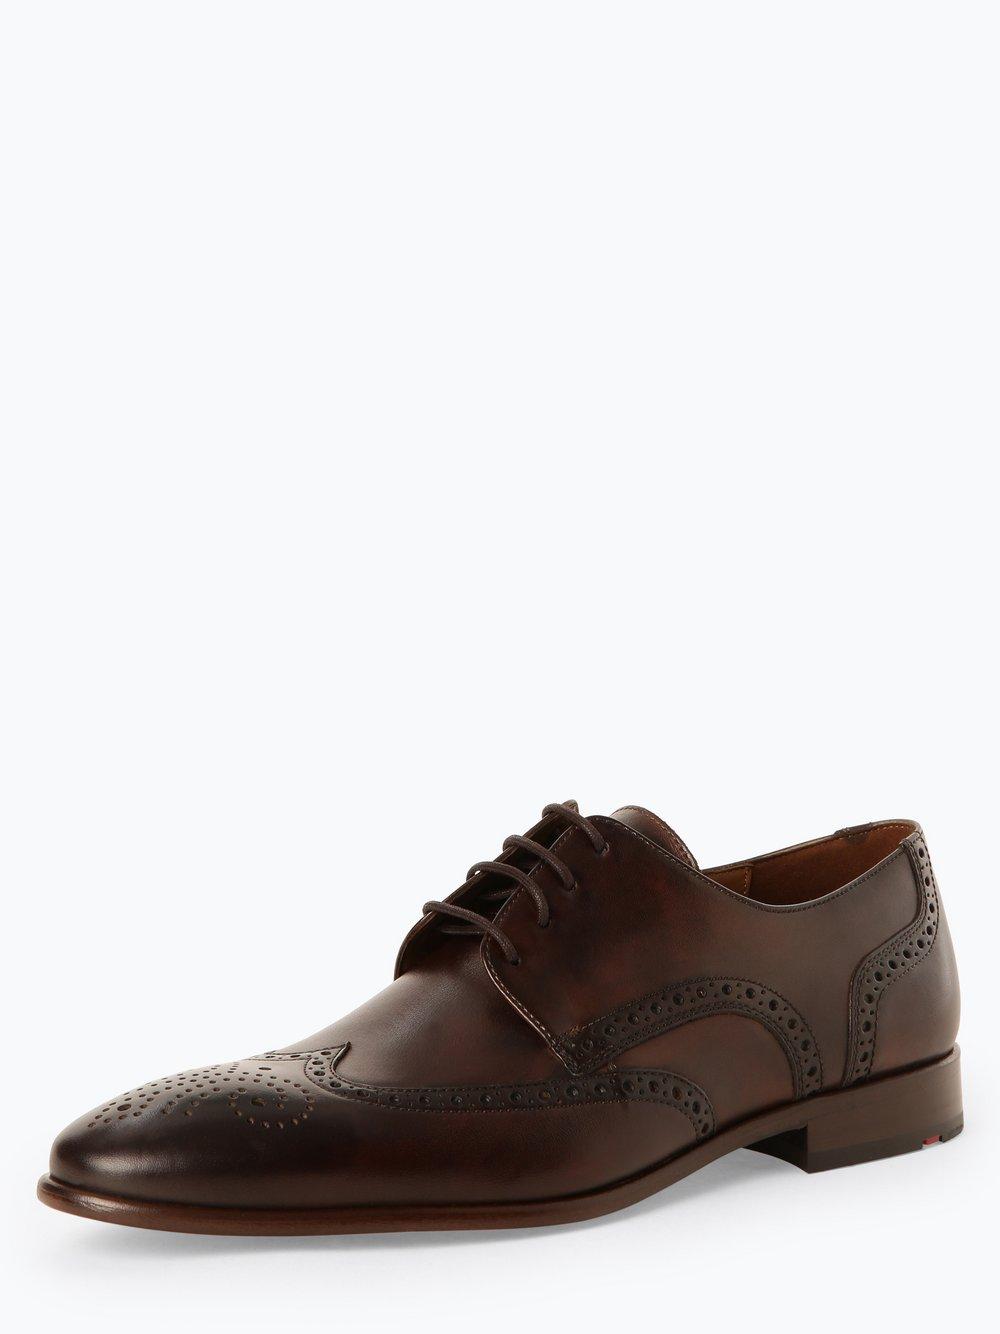 Lloyd – Męskie buty sznurowane ze skóry – Monte, brązowy Van Graaf 449154-0001-00075